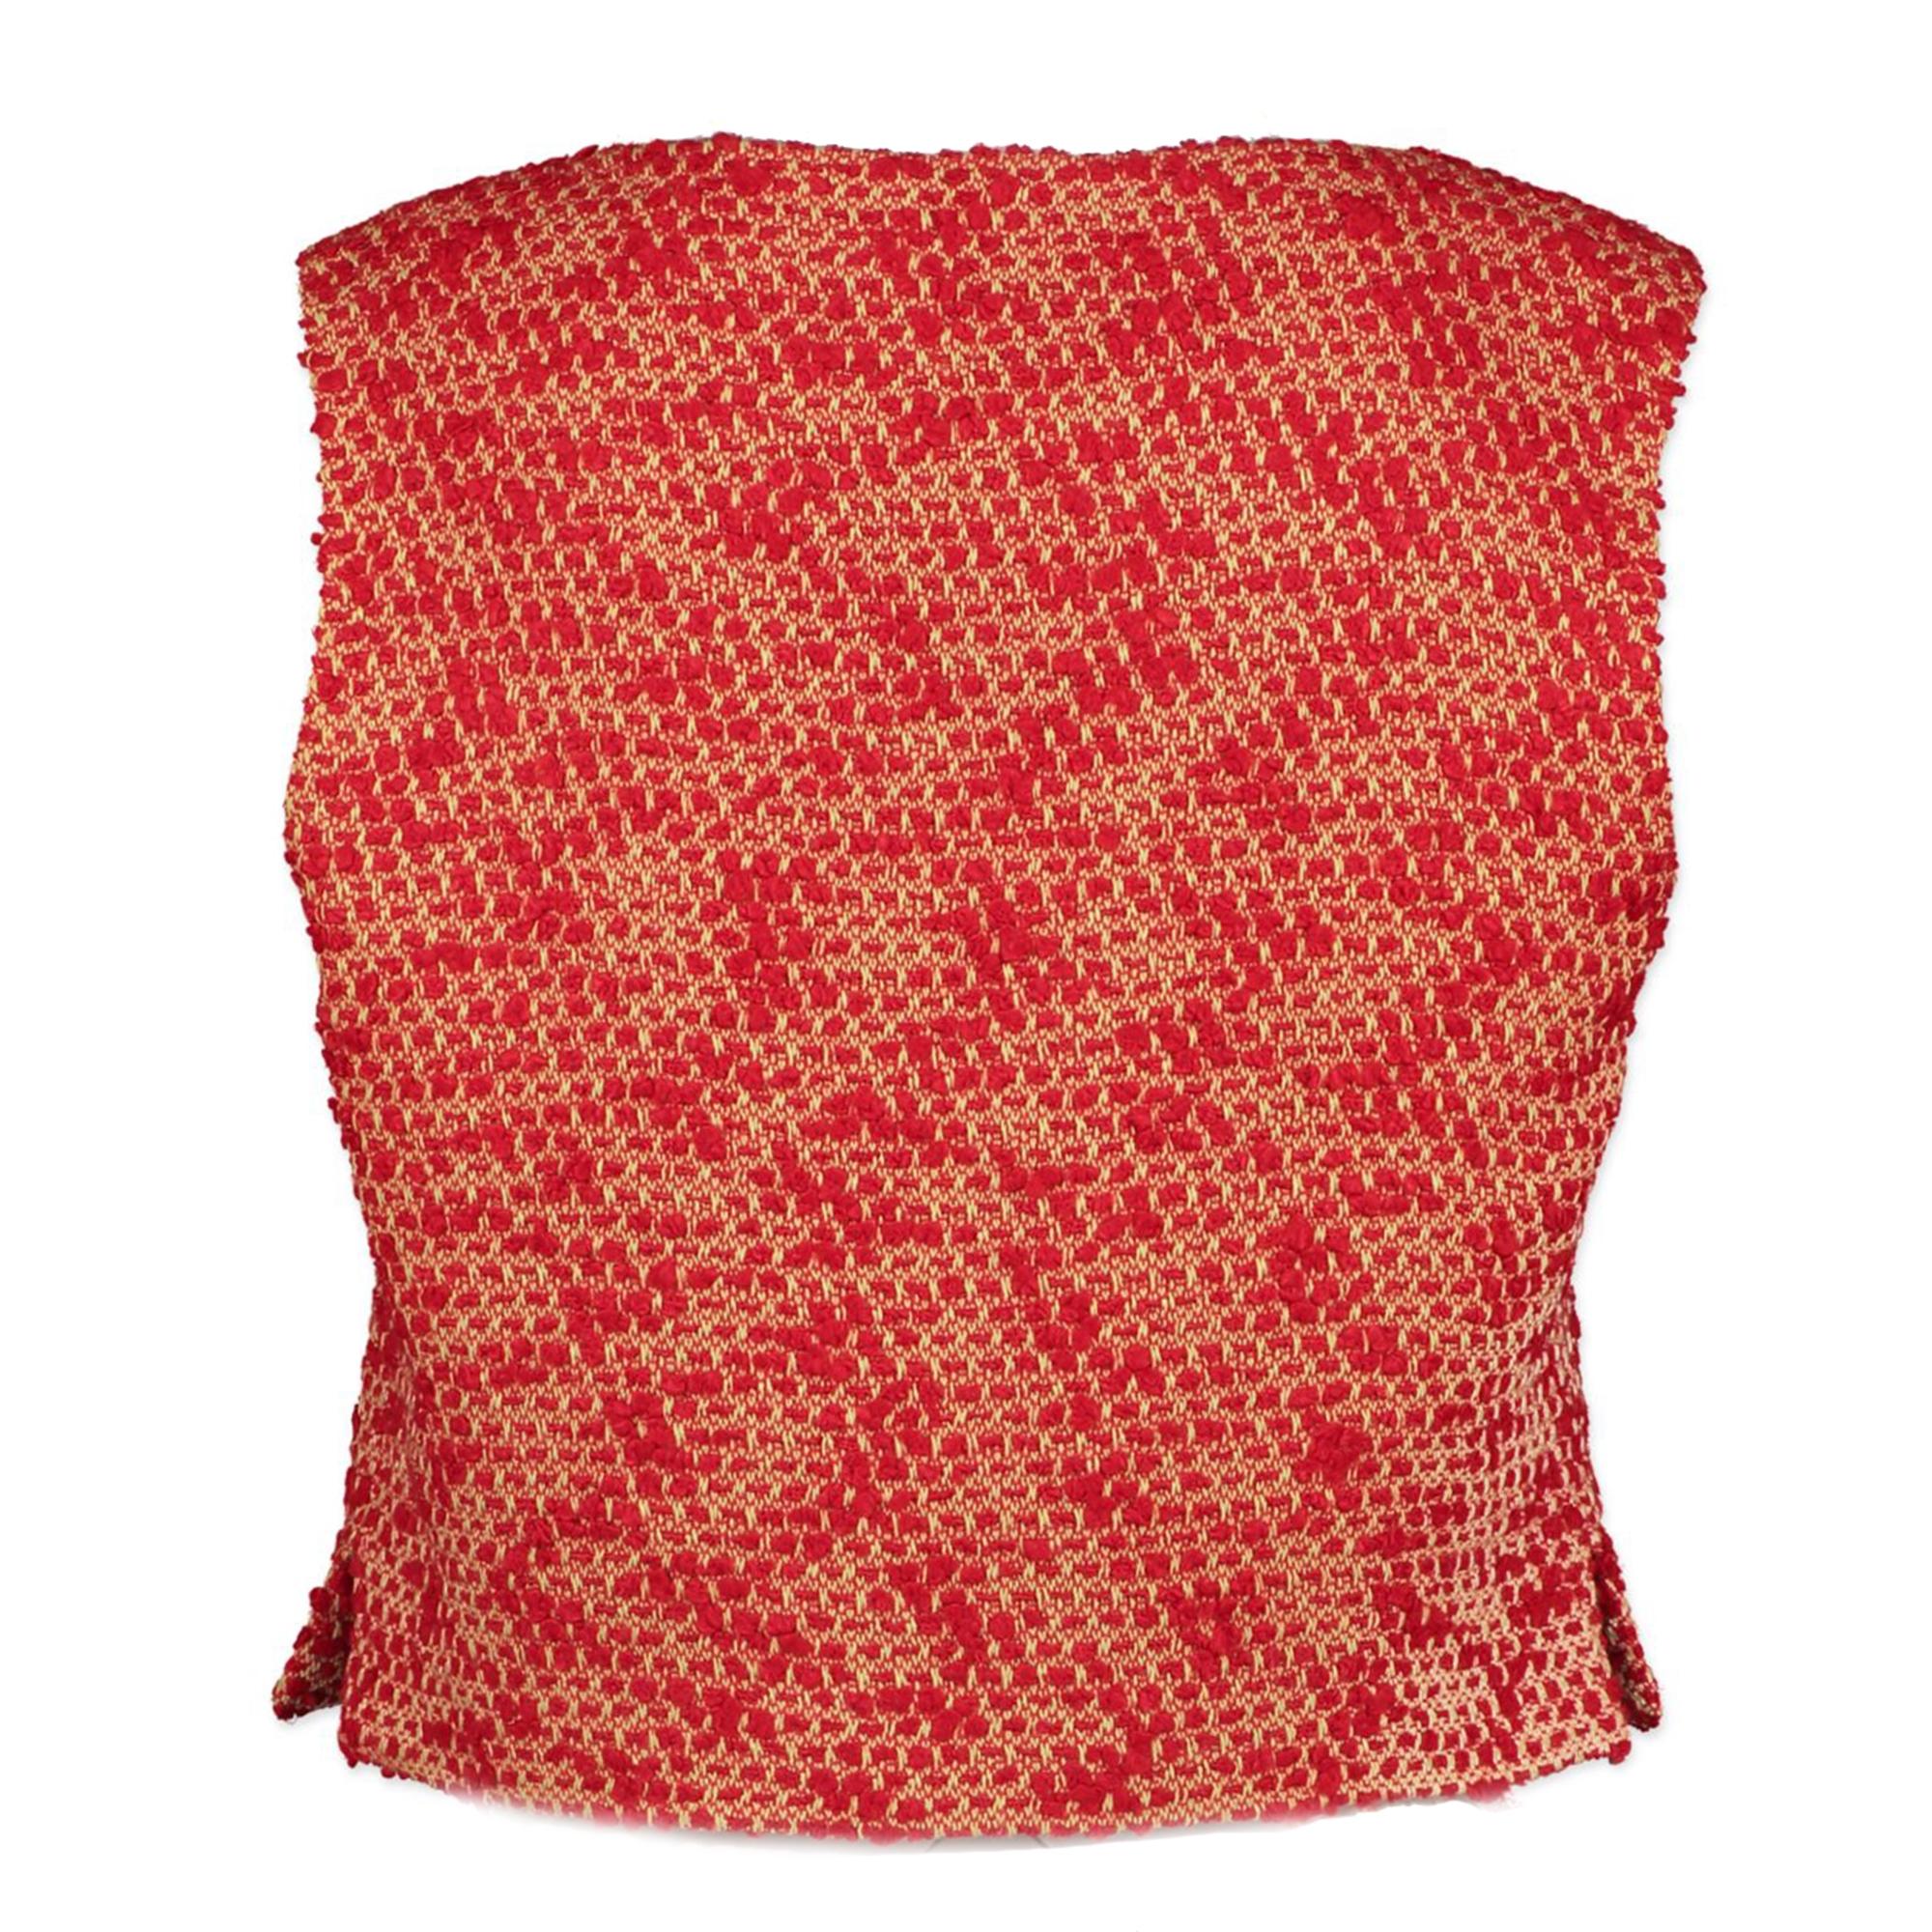 Koop en verkoop uw authentieke designer Chanel Bouclé Red Top - size FR36